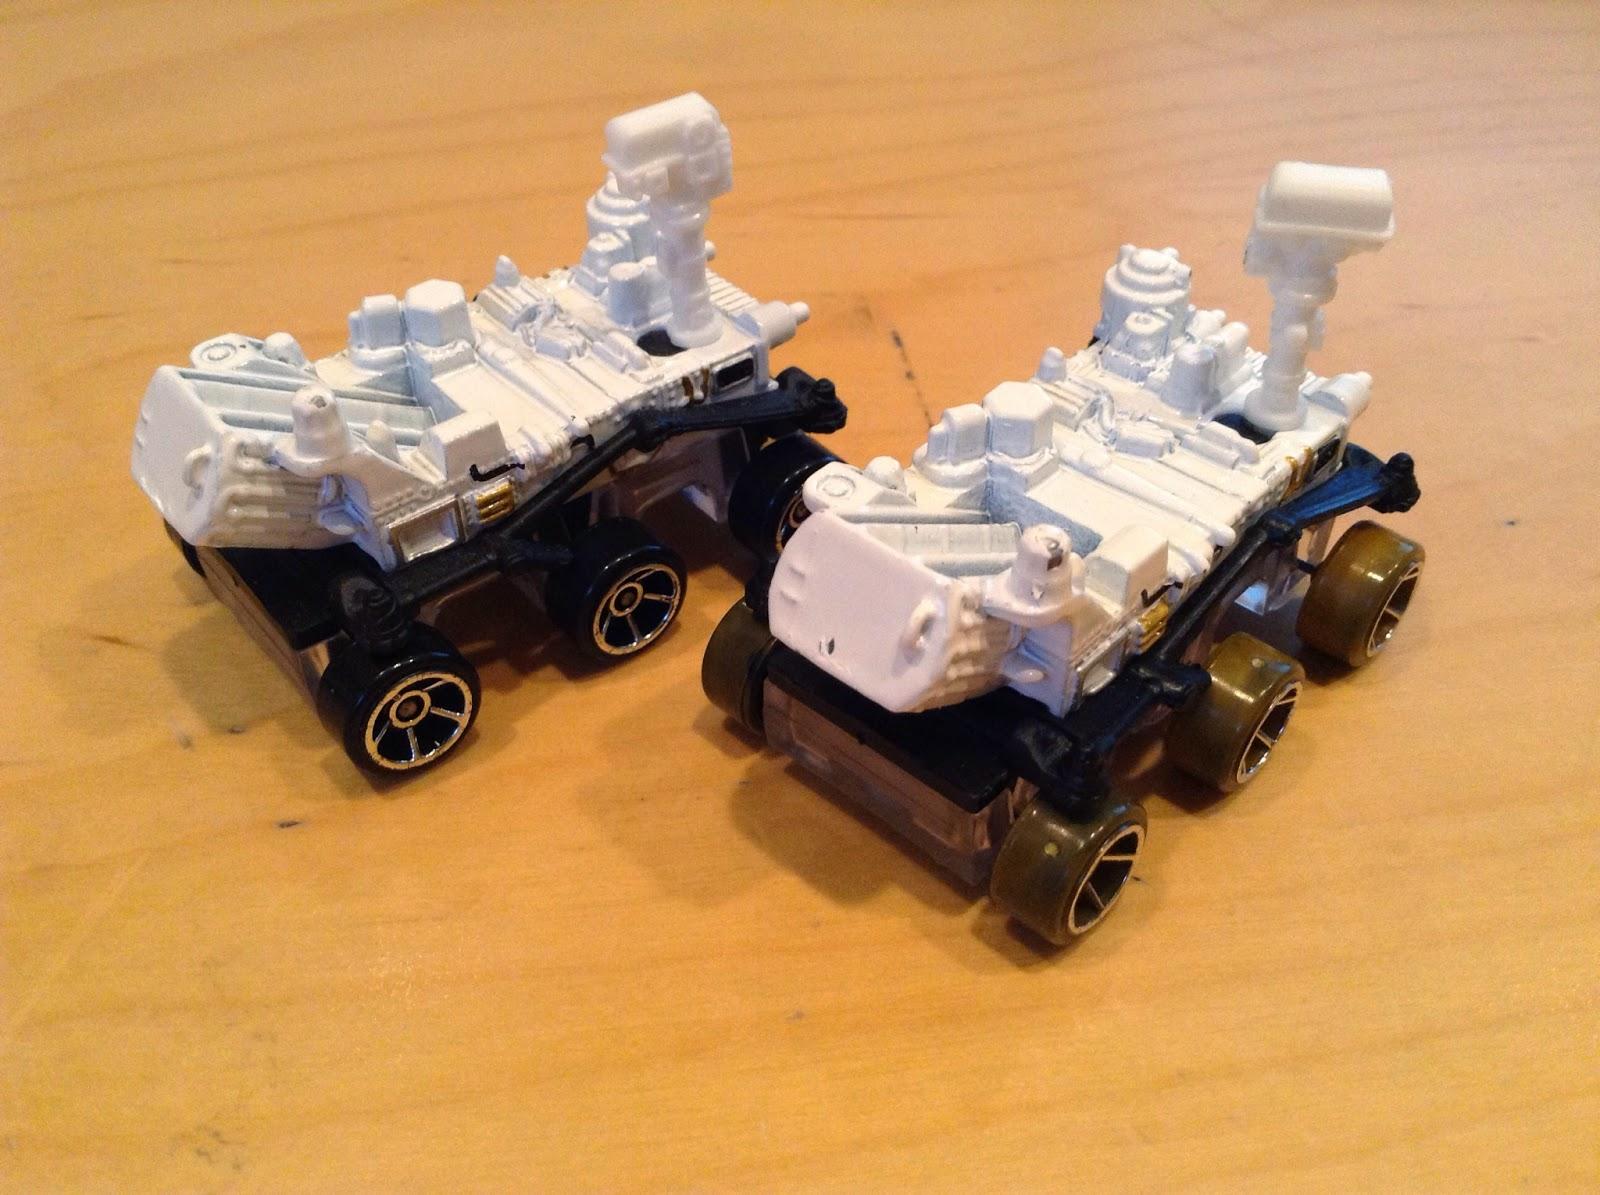 2017 hot wheels mars rover - photo #11